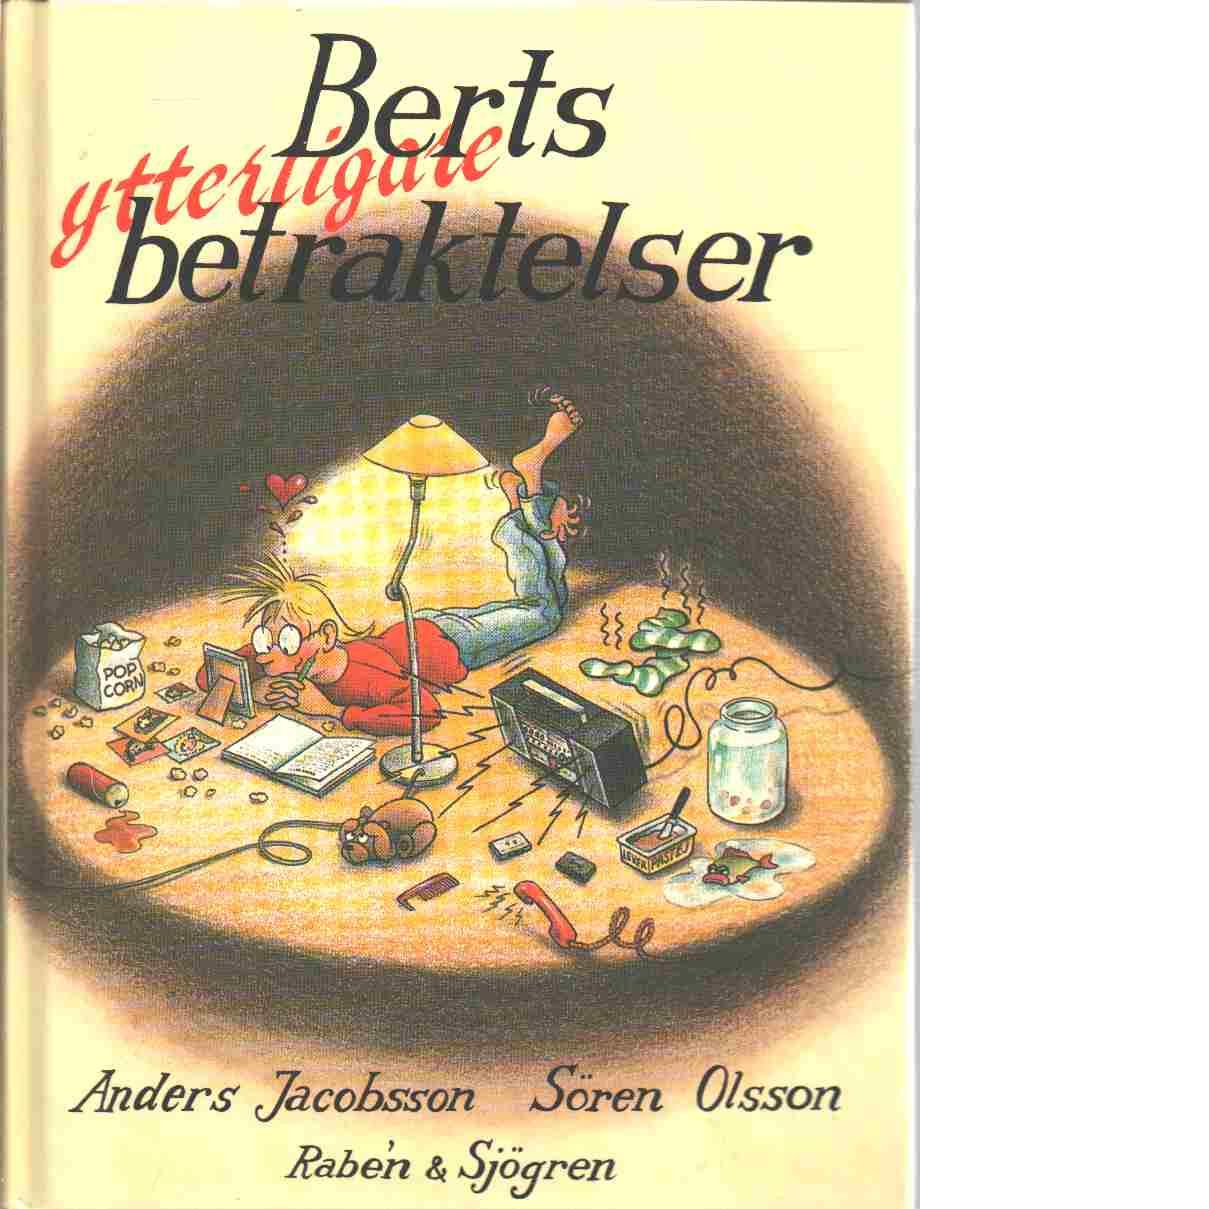 Berts ytterligare betraktelser - Olsson, Sören,  och  Jacobsson, Anders